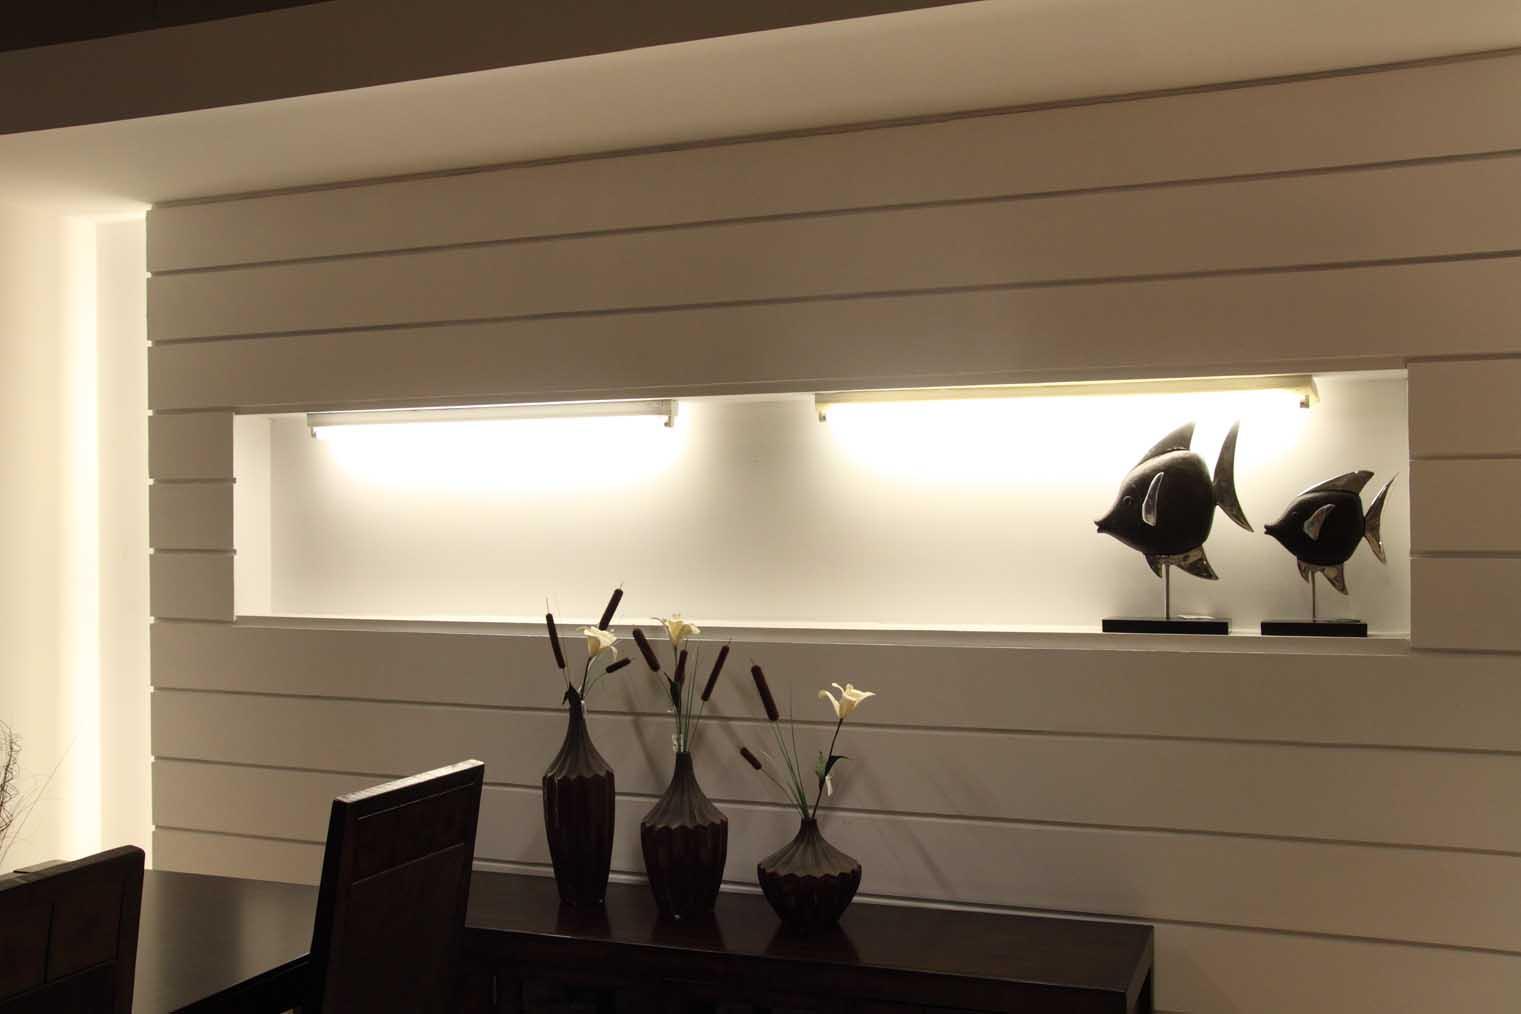 Plafoniere Per Tubi Al Neon : Aldo plafoniera per tubi fluorescenti led light plus